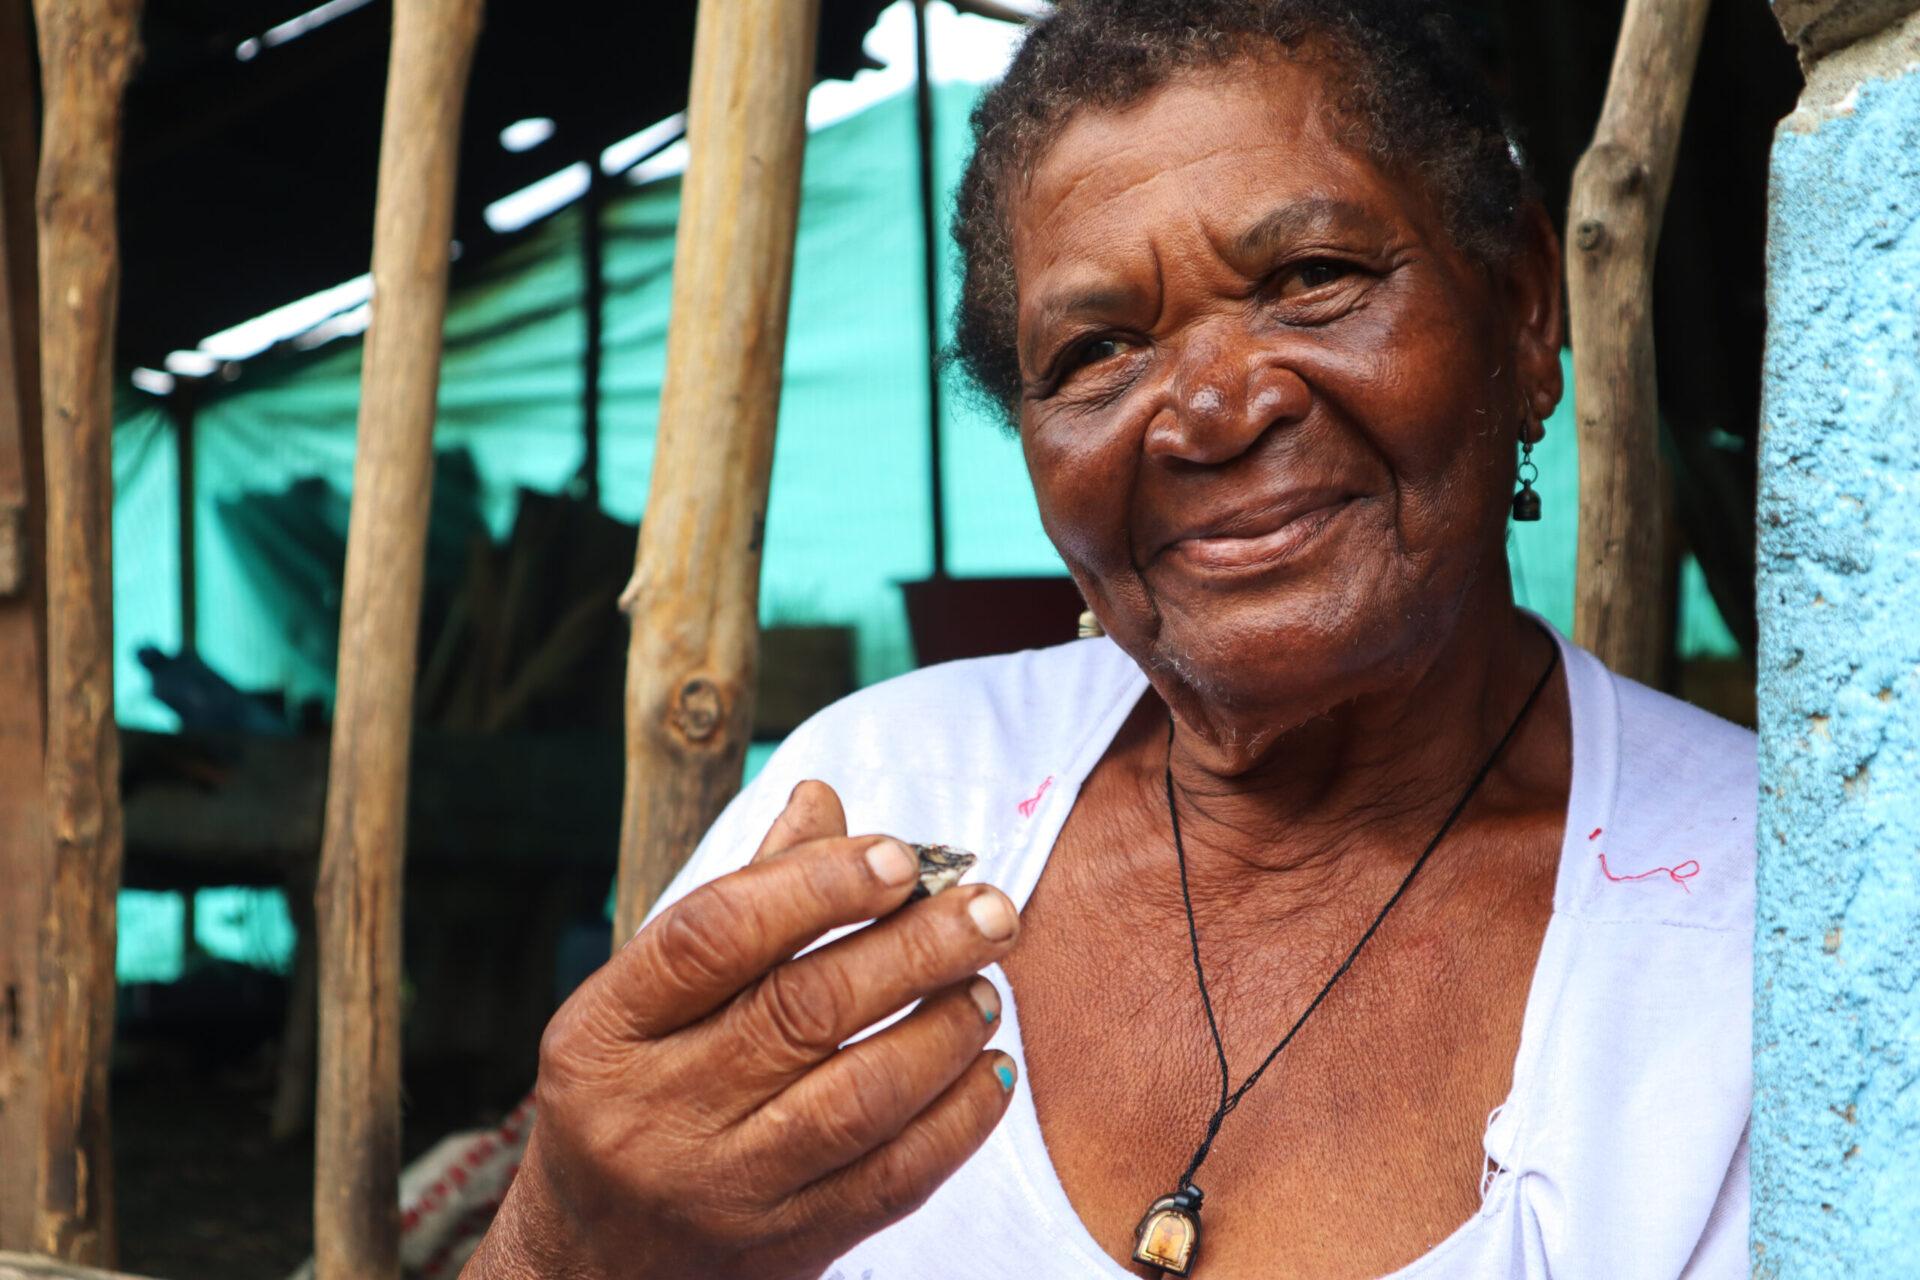 Dionisia Torres (Chola), curandera tradicional de la vereda Limones con la concha medicinal para sanar heridas